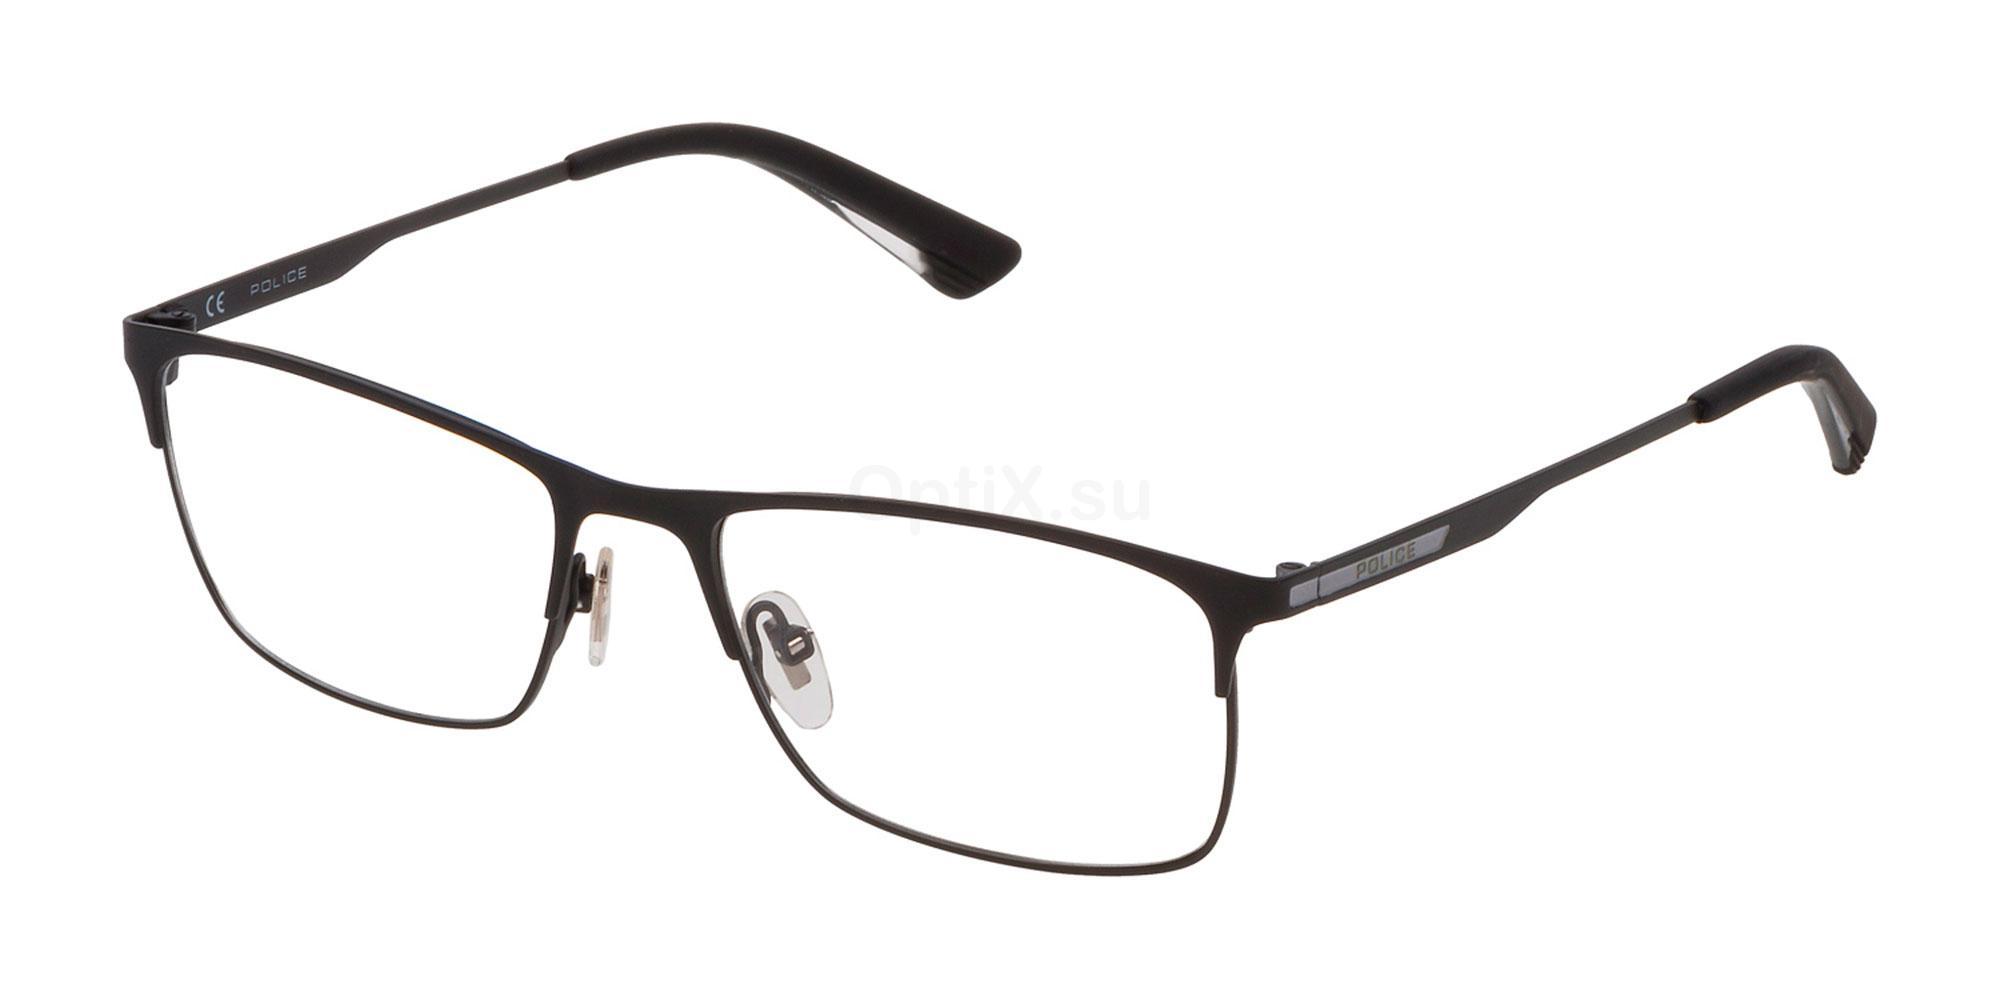 0531 VPL698 Glasses, Police